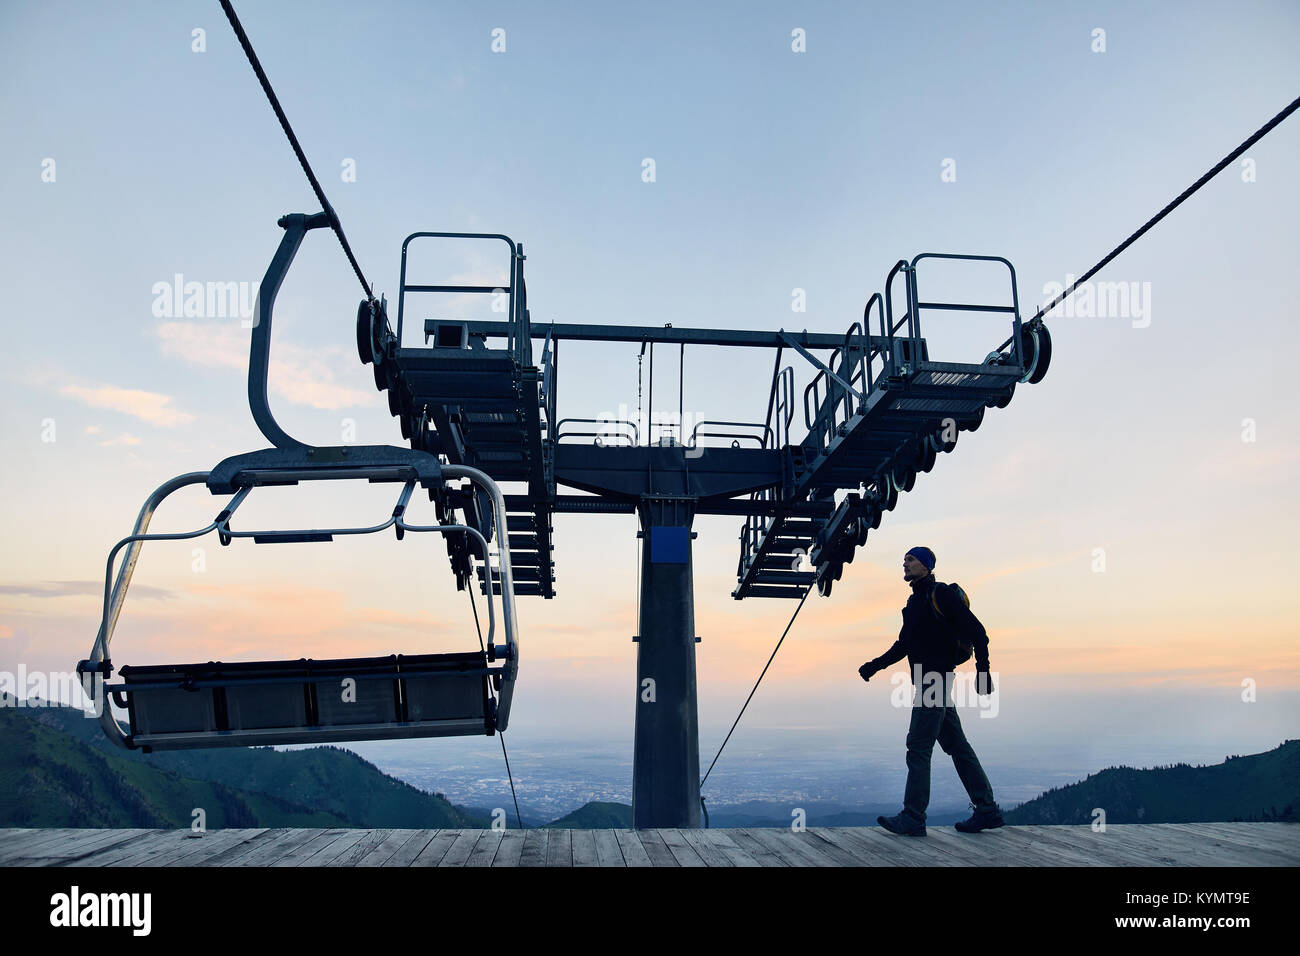 Turista hombre caminando a la estación de remonte en silueta alta en mountain ski resort al amanecer. Imagen De Stock